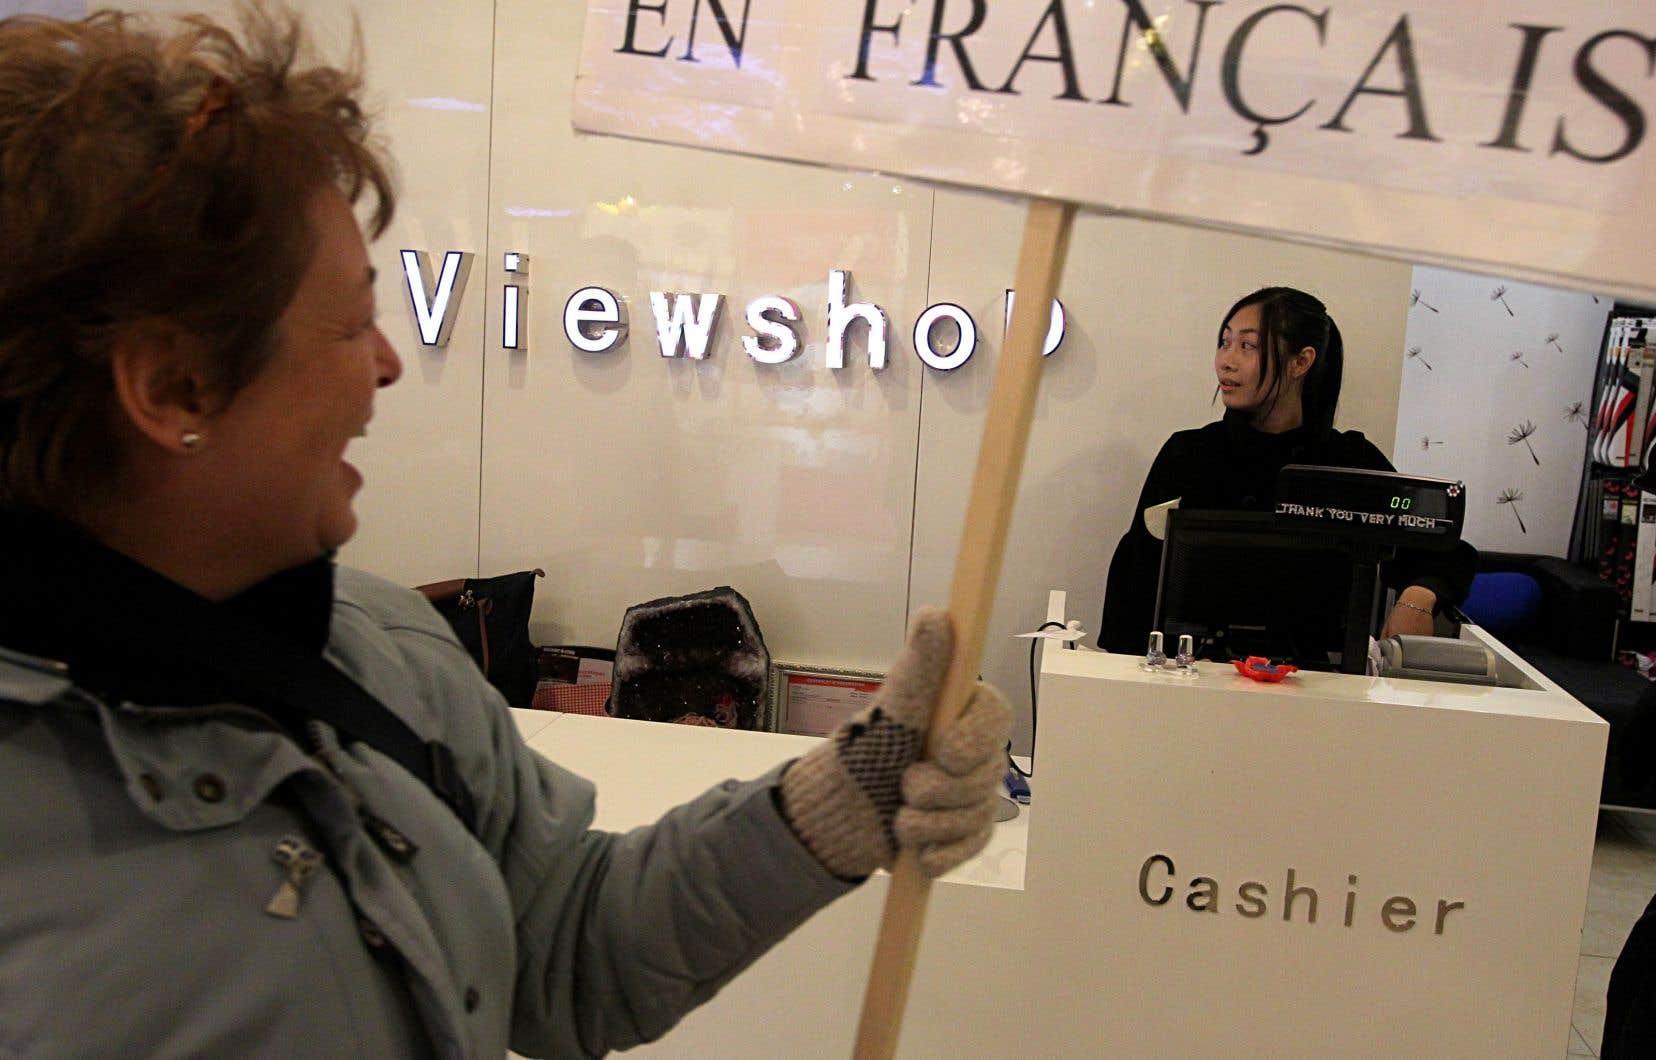 «Une société francophone calquée sur les sociétés anglo-saxonnes qui nous entourent ne me paraît pas être une victoire pour le français», insiste l'autrice.